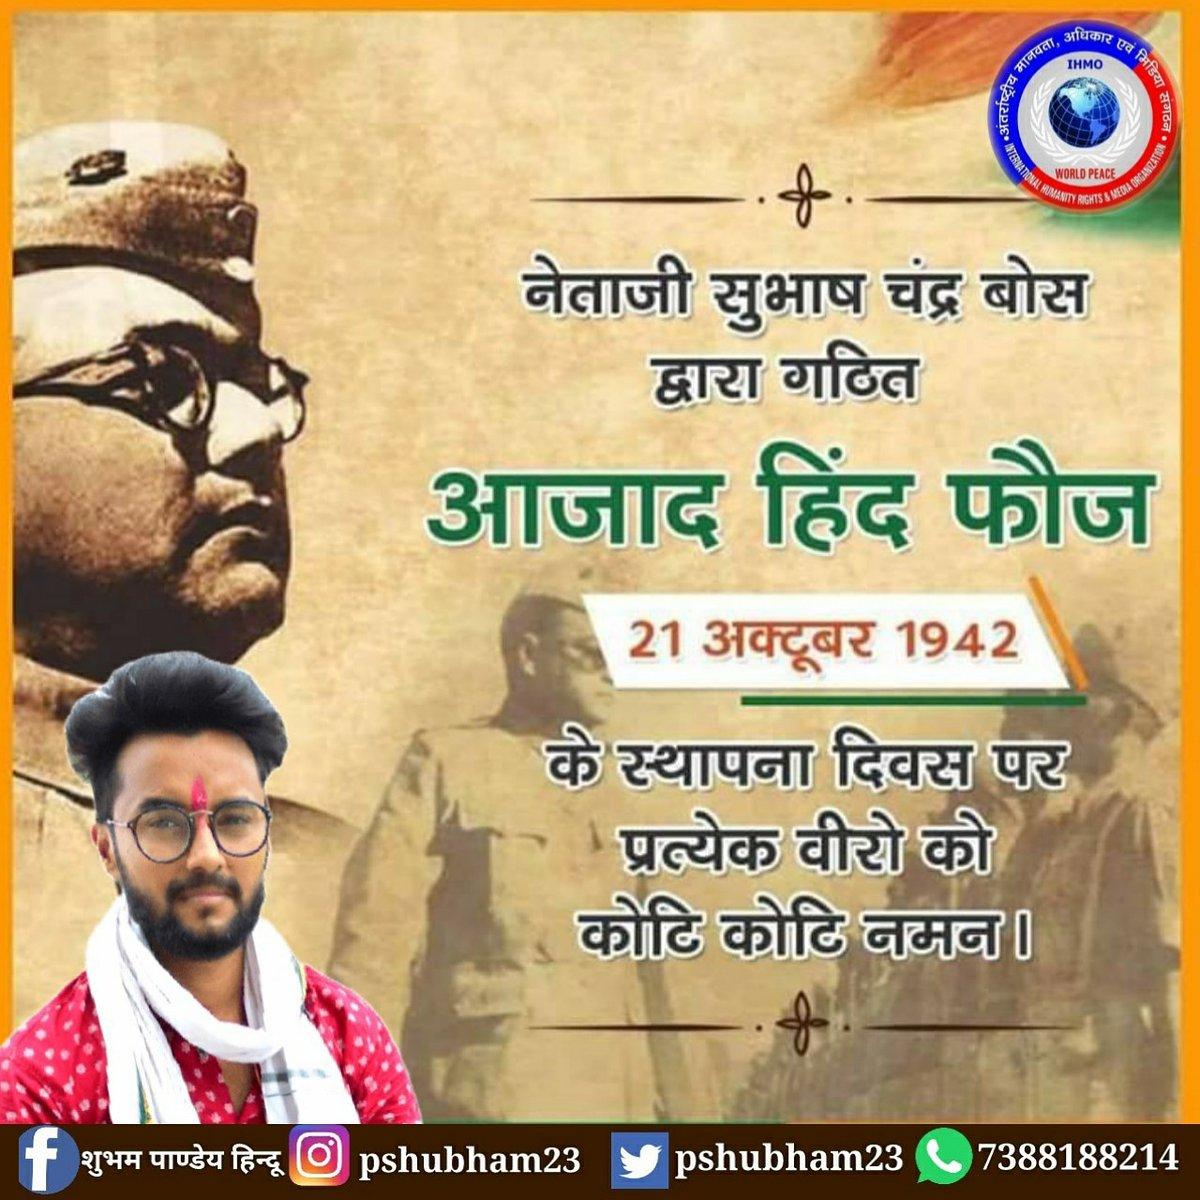 #तुम मुझे खून दो          #मैं तुम्हें आजादी दूंगा !! #नेताजी सुभाष चंद्र बोस जी द्वारा गठित            #अाजाद हिंद फौज के  #स्थापना दिवस पर         #अमर शहीदों को शत शत नमन 🙏 @RSSorg #hinduyuvavahini  #rashtriyaswayamsevaksangh  #azadhindfauj  #we_young_indians https://t.co/Tlc9R8dg5J